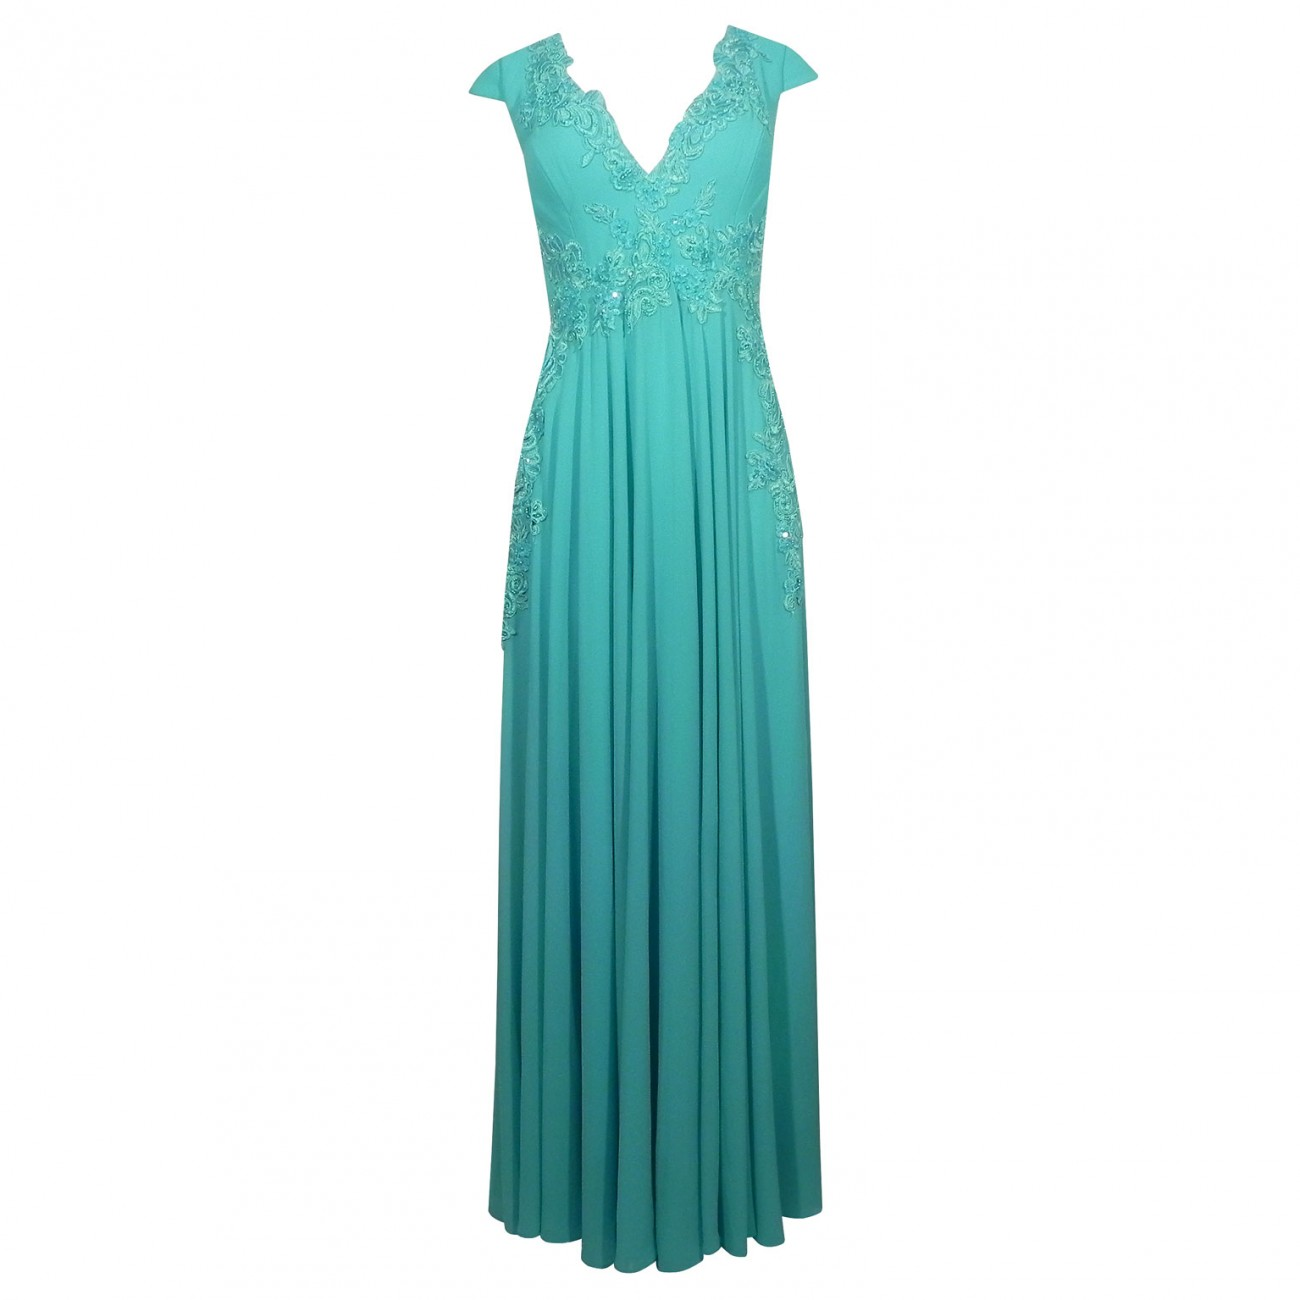 8209e43da8 Vestido de Festa em Crepe com Detalhe de Renda e Pedraria Adoro Cor Verde  Tamanho M